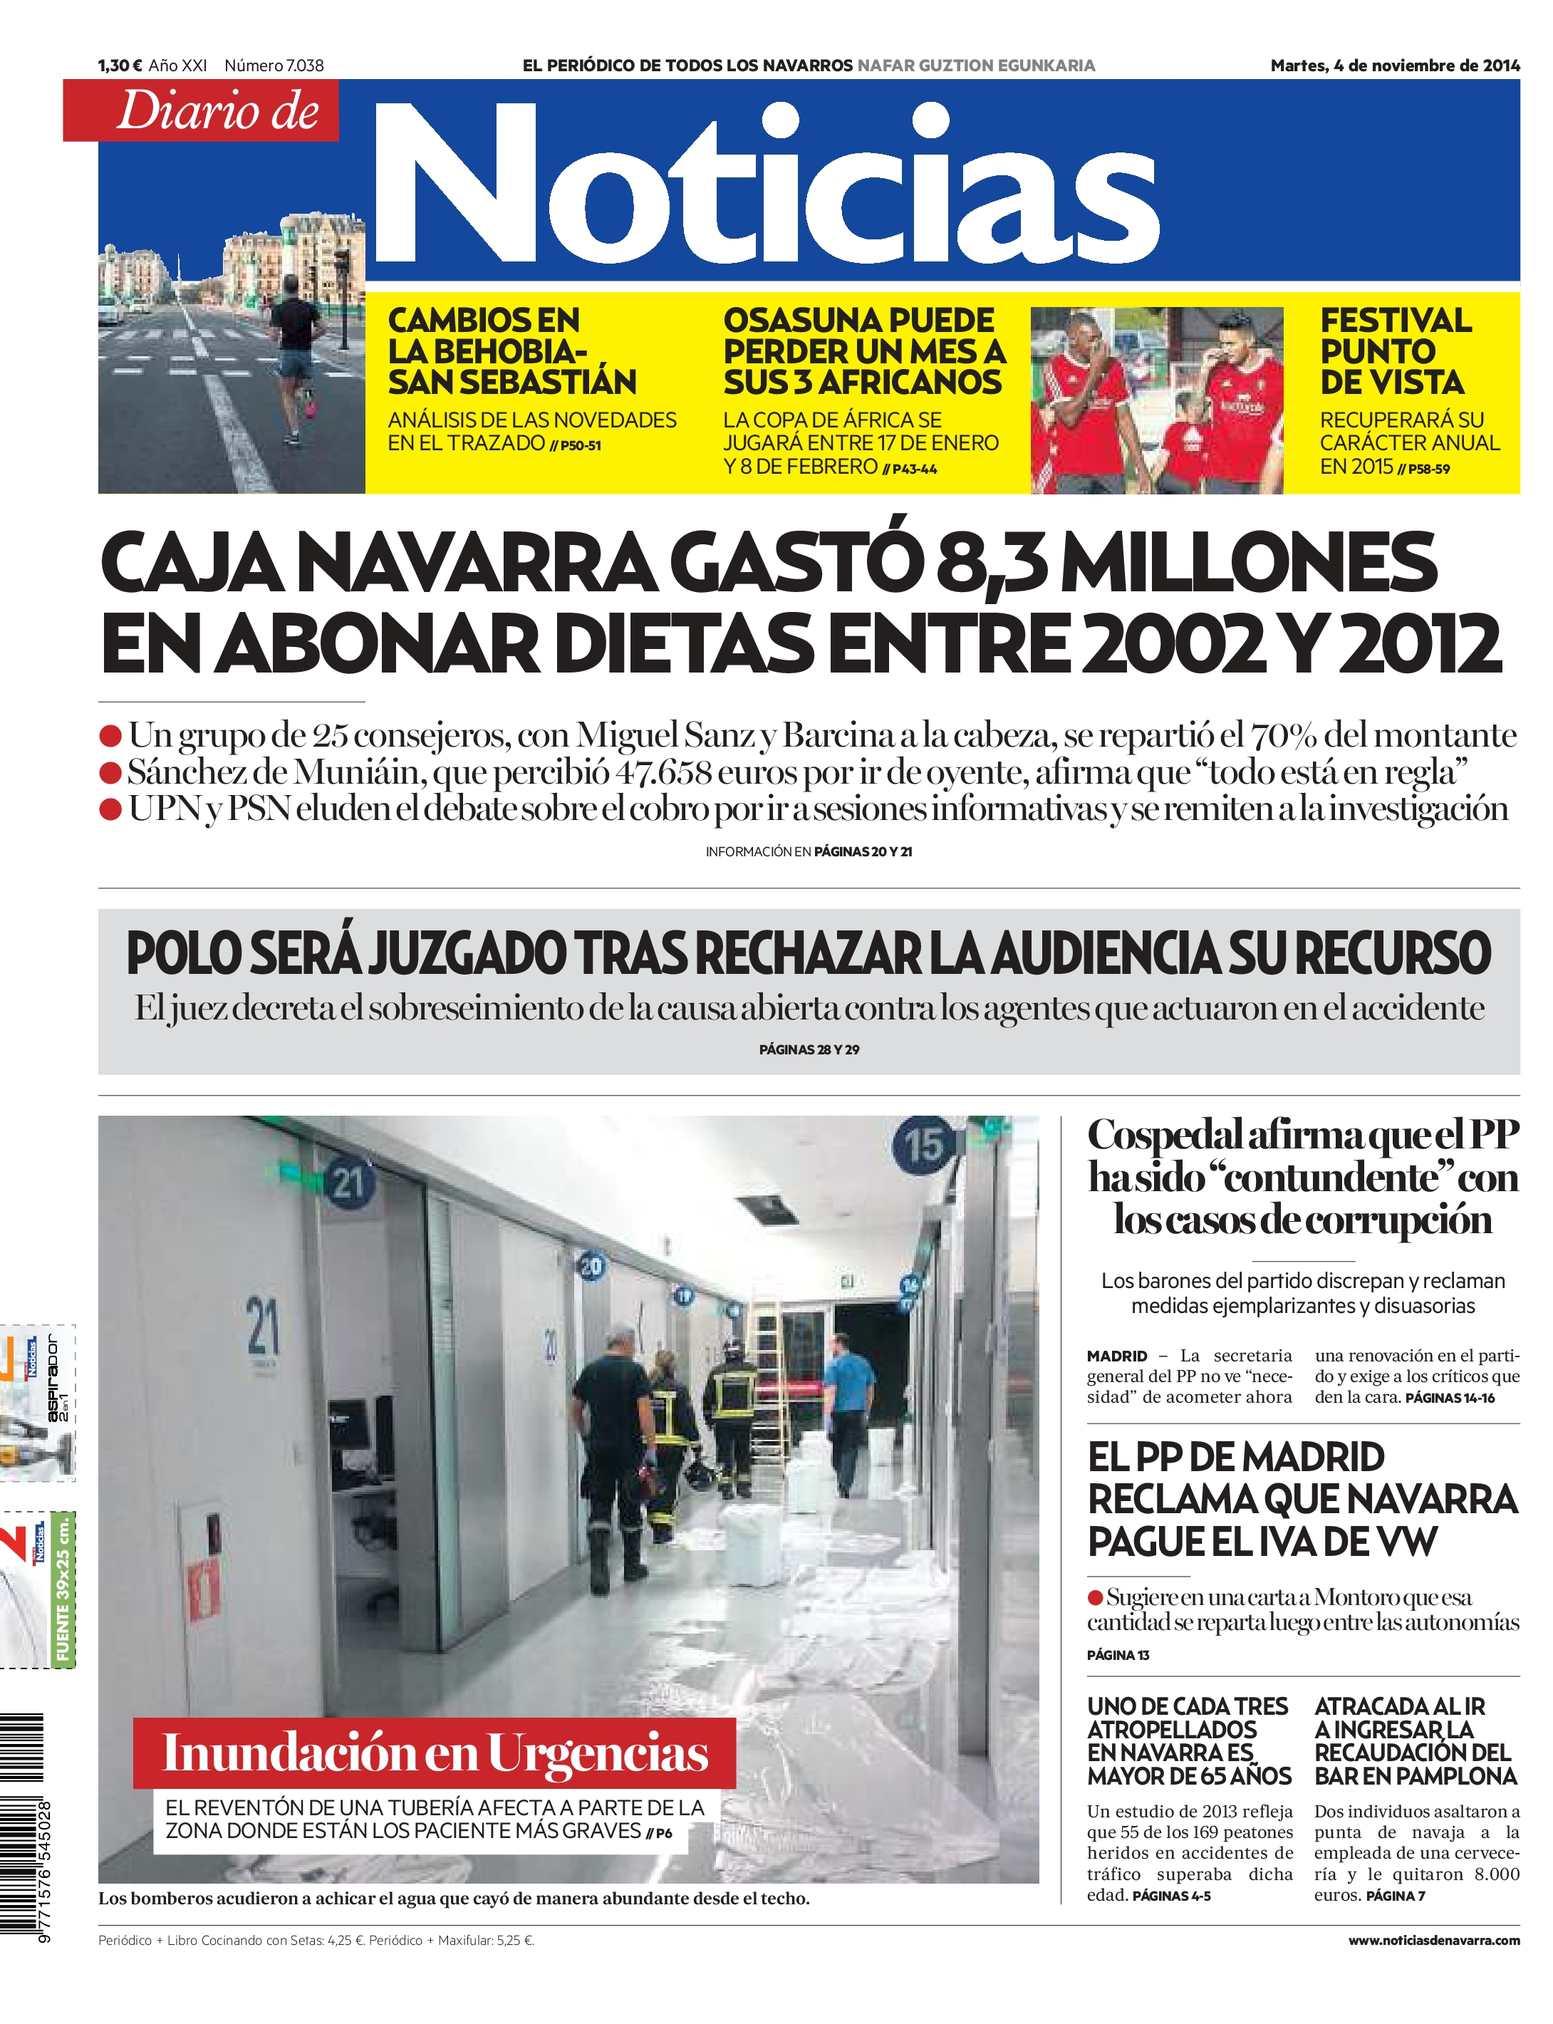 Calaméo - Diario de Noticias 20141104 2dc65282d7aac